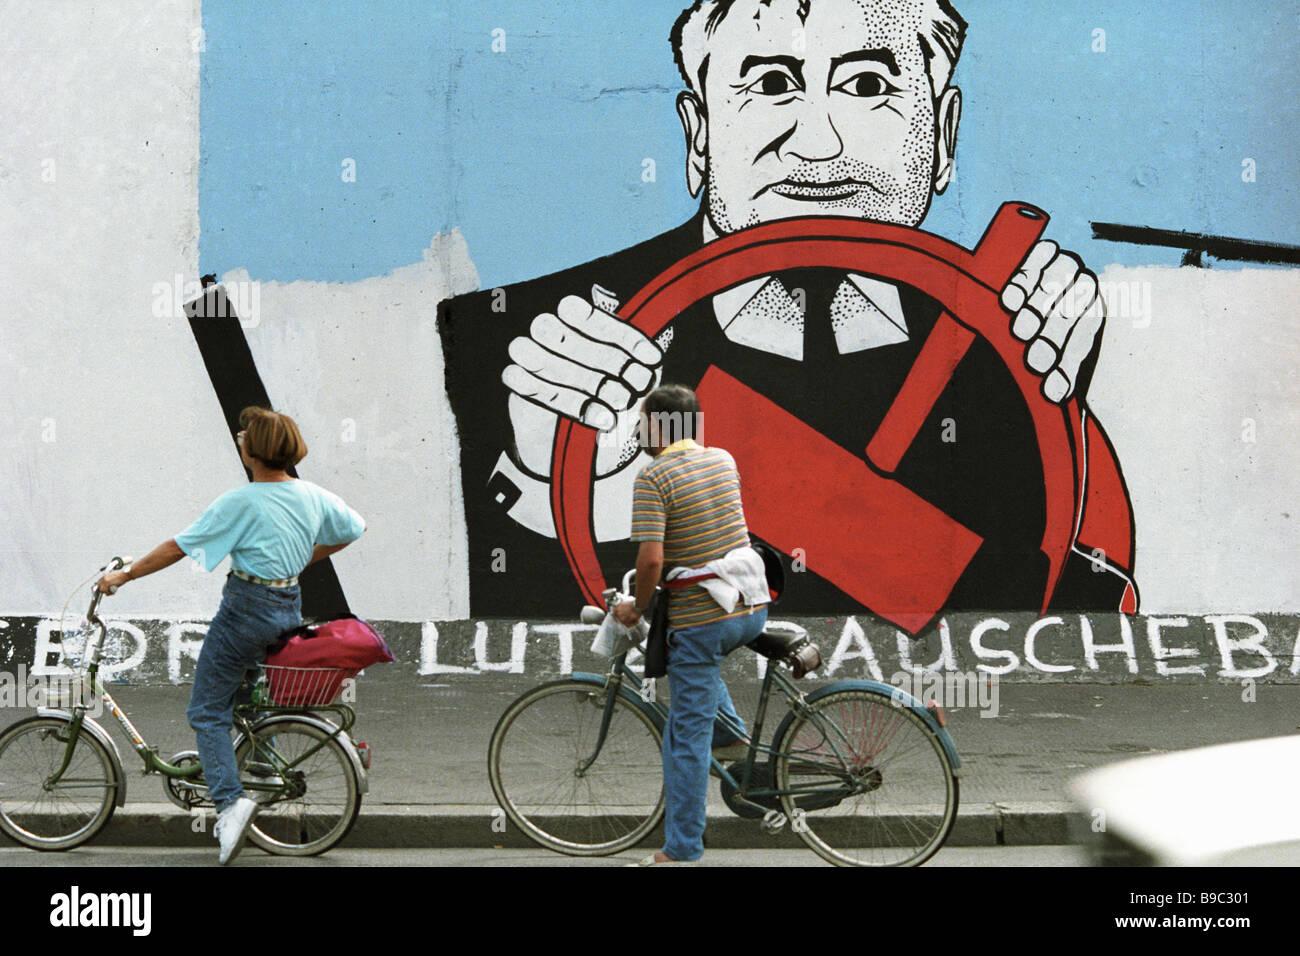 Alla fine del XX secolo di avvenimenti politici si riflette sulla restante parte del muro di Berlino Immagini Stock